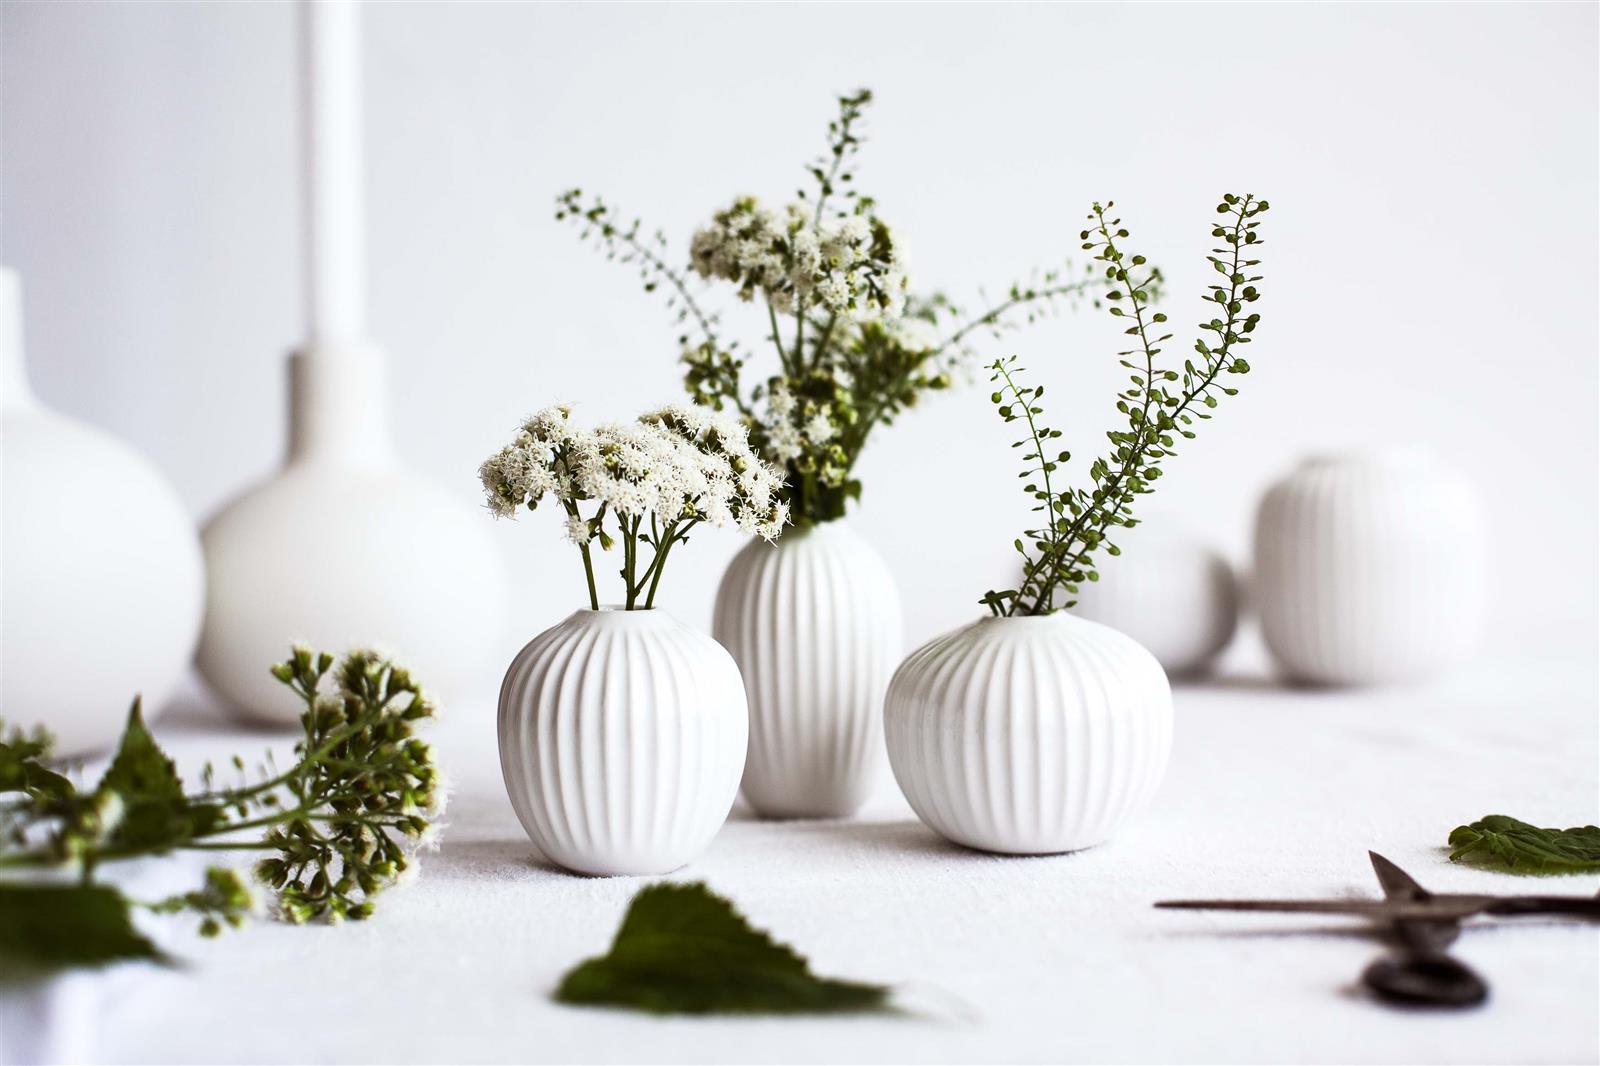 vasen hammersh i rose anthrazit pflaume von k hler design. Black Bedroom Furniture Sets. Home Design Ideas